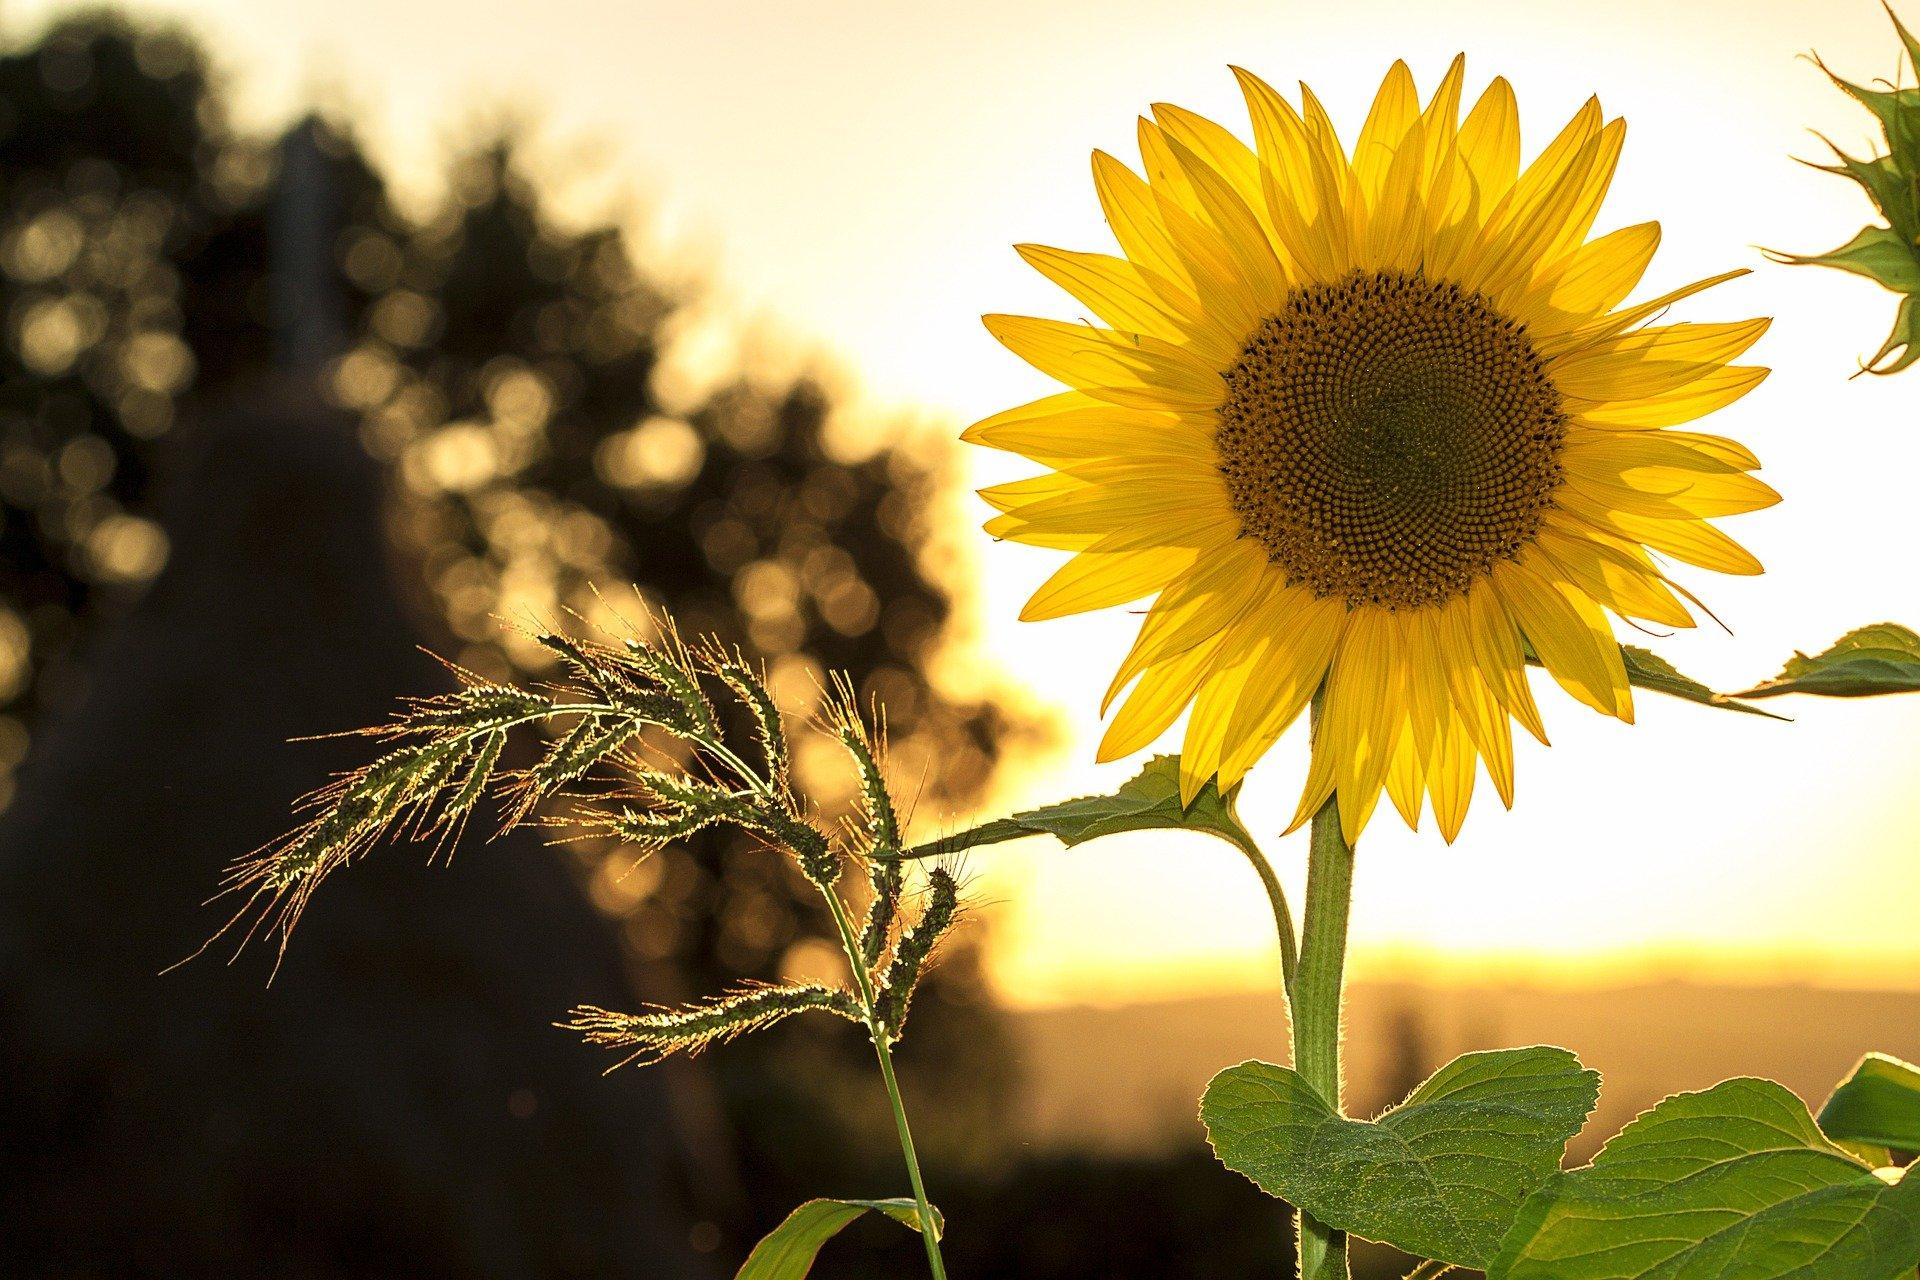 Bild: Sonnenblume - © Mircea Ploscar auf Pixabay / freie kommerzielle Nutzung